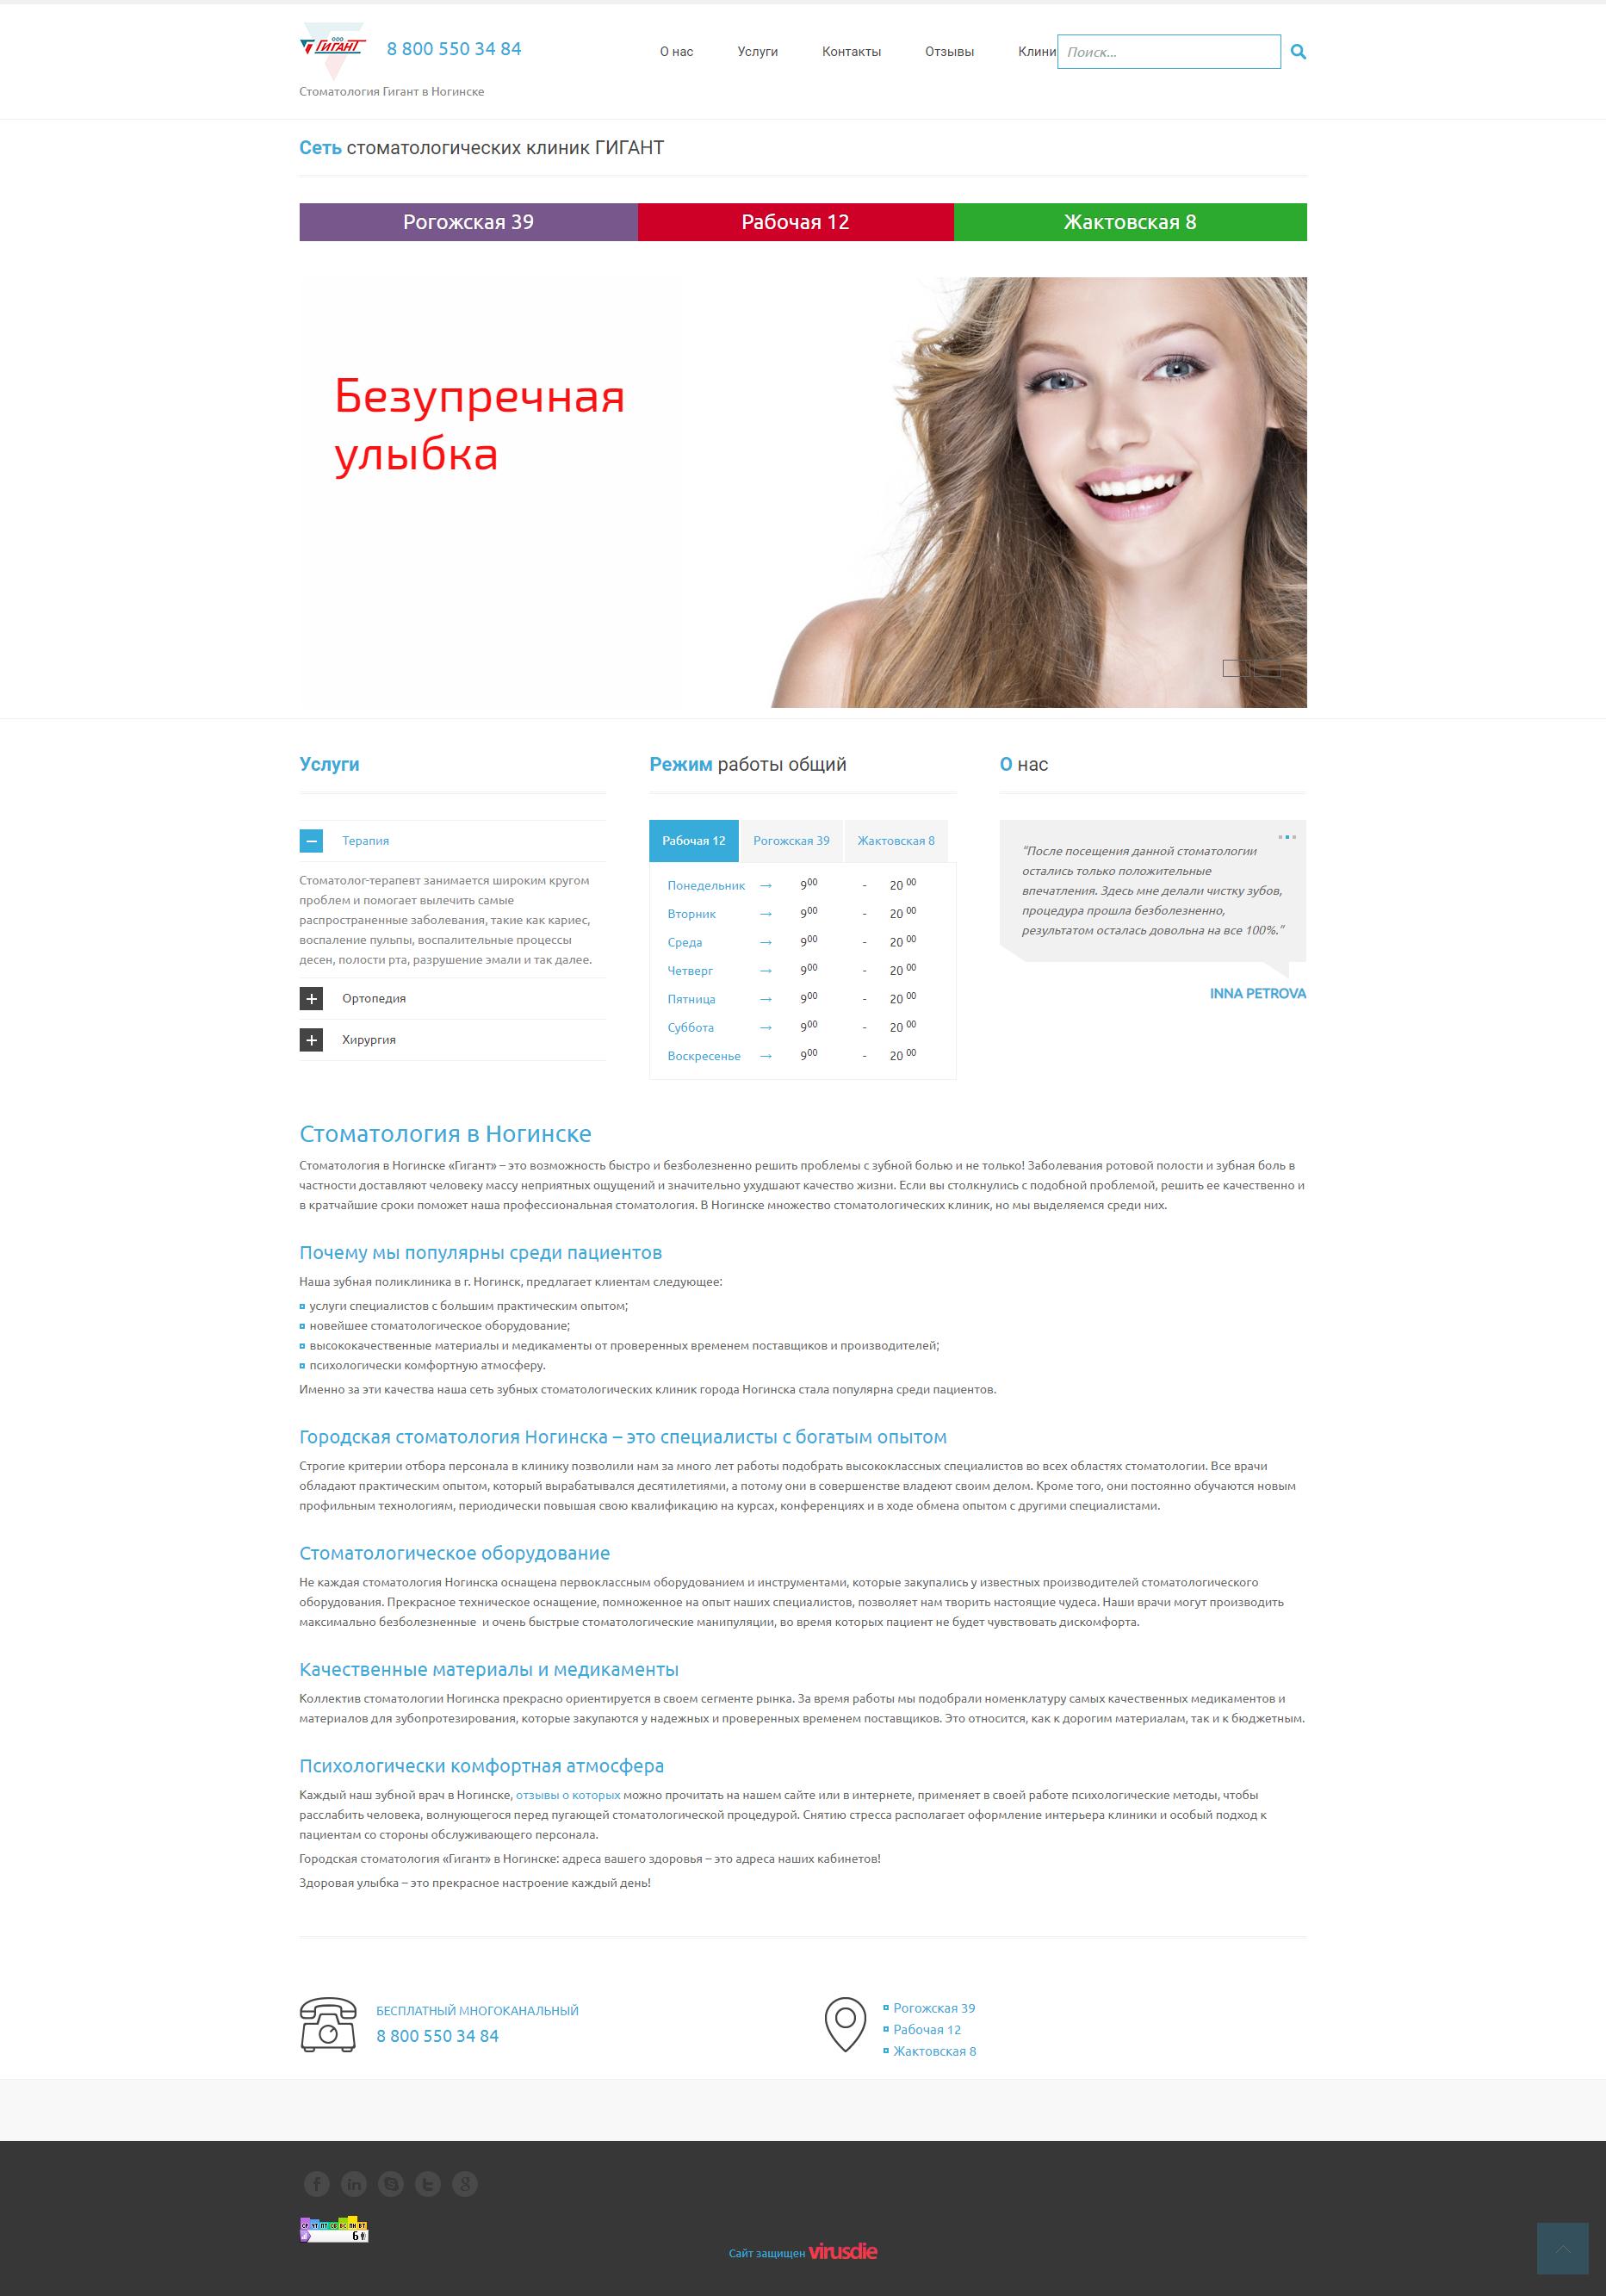 Сайт noginsk-stomatologiya.ru